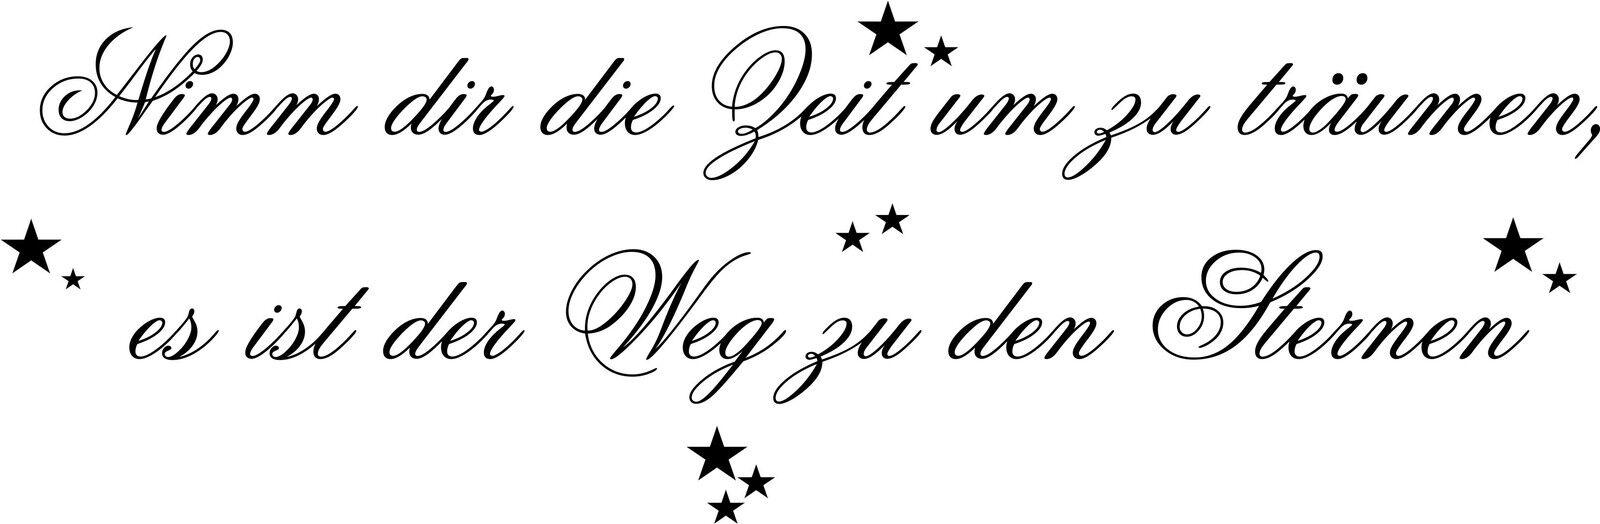 WANDTATTOO WANDTATTOO WANDTATTOO Spruch  Nimm dir die Zeit um zu träumen  - Sterne Wandaufkleber 9046a8